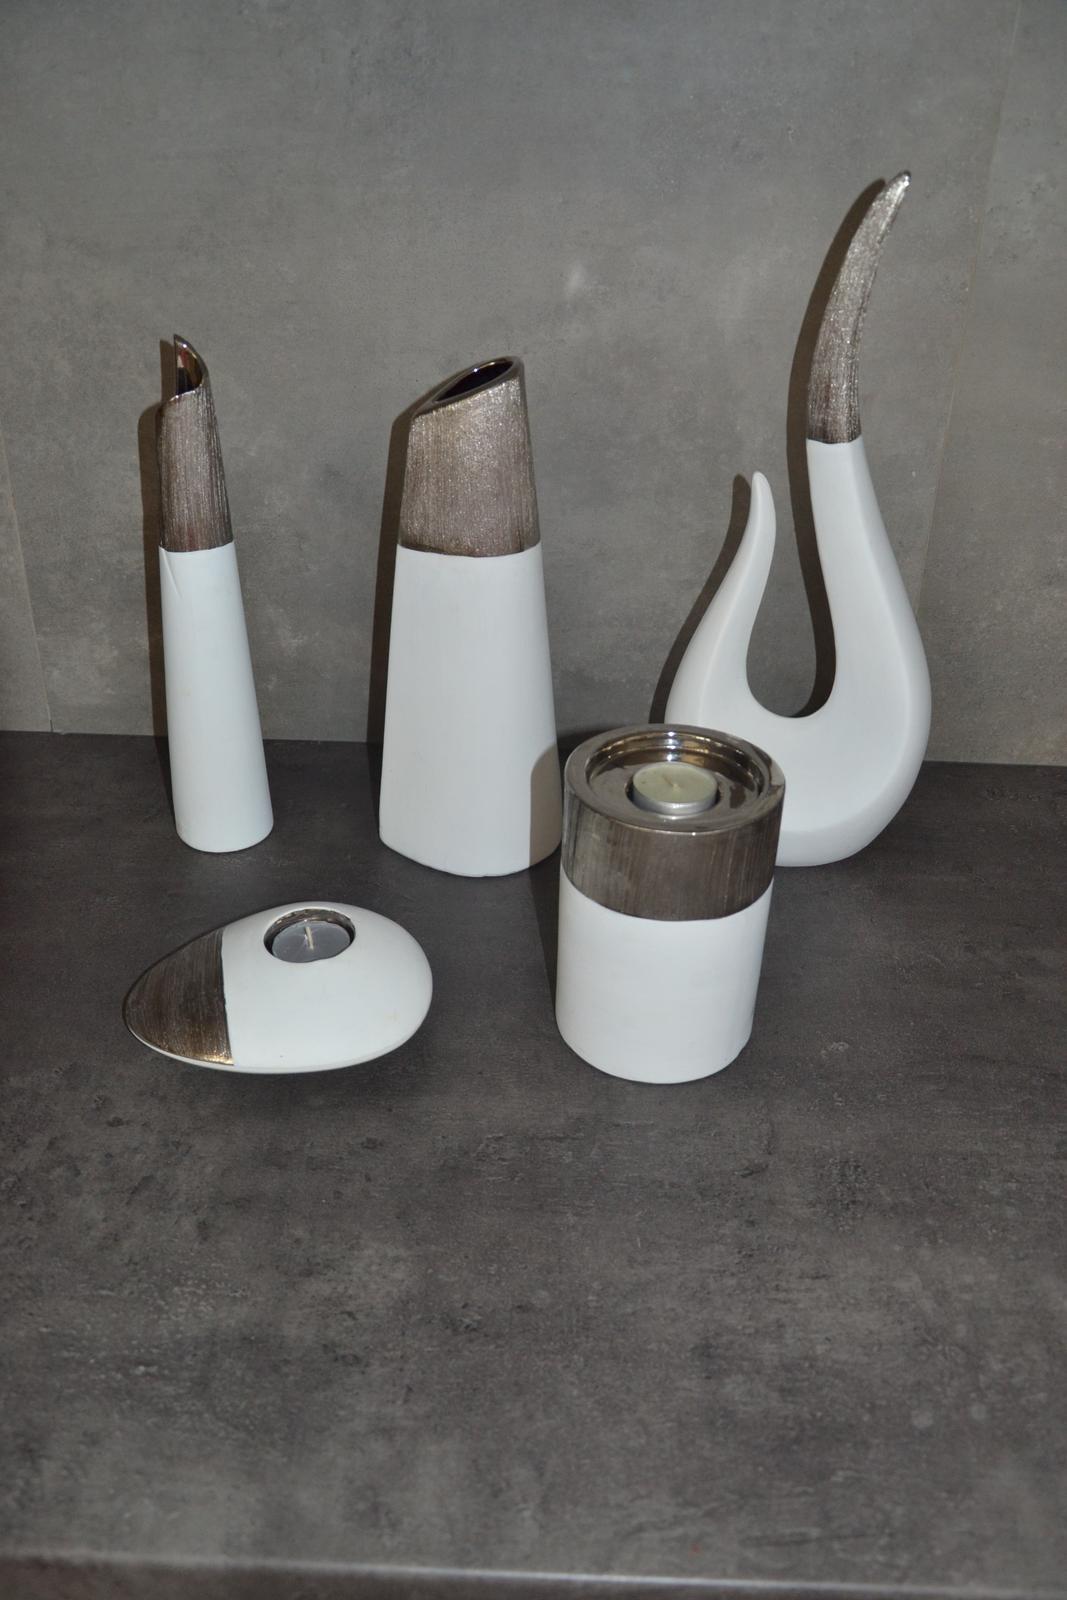 Bílá váza, svícen - sada  - Obrázek č. 1